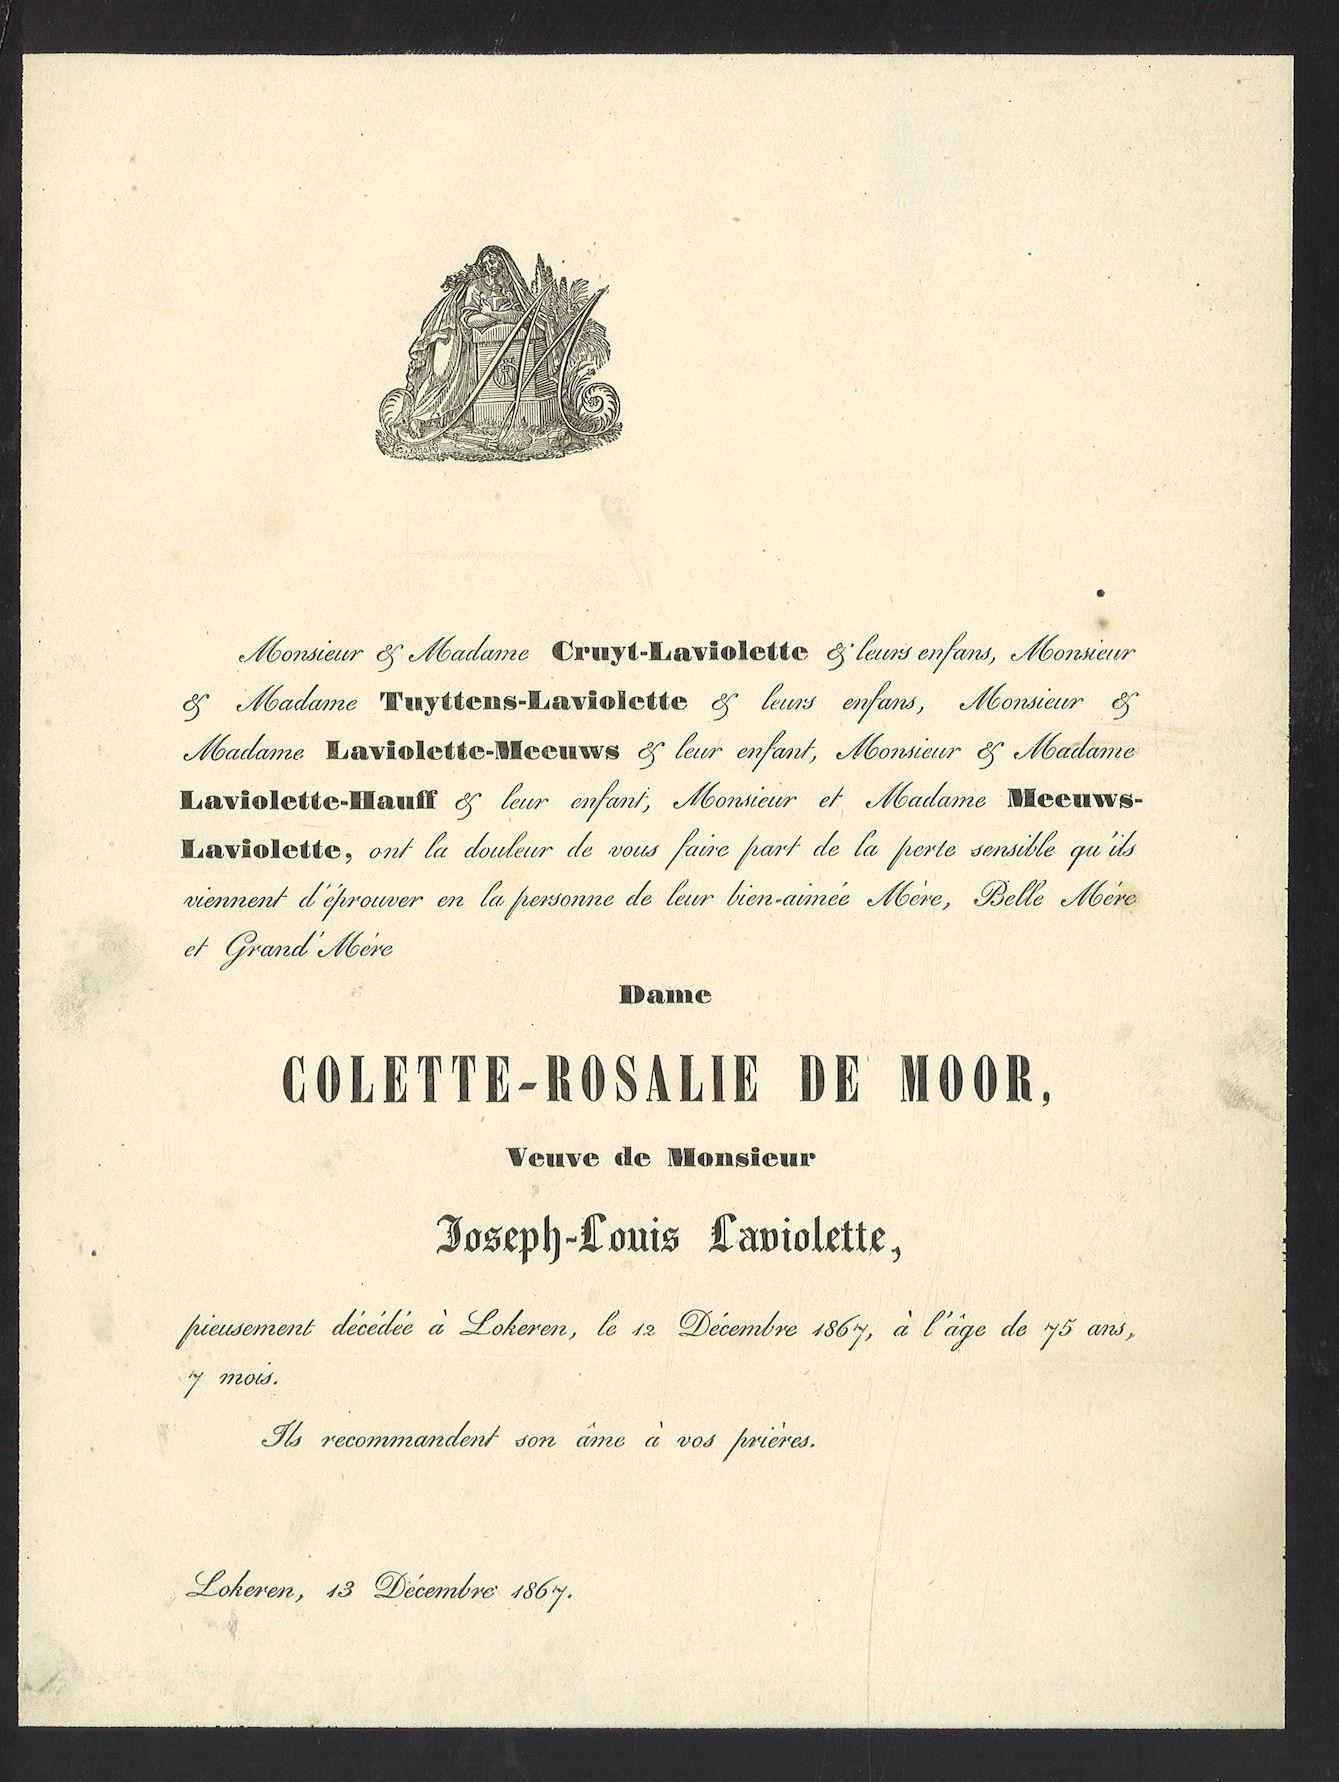 Colette-Rosalie De Moor